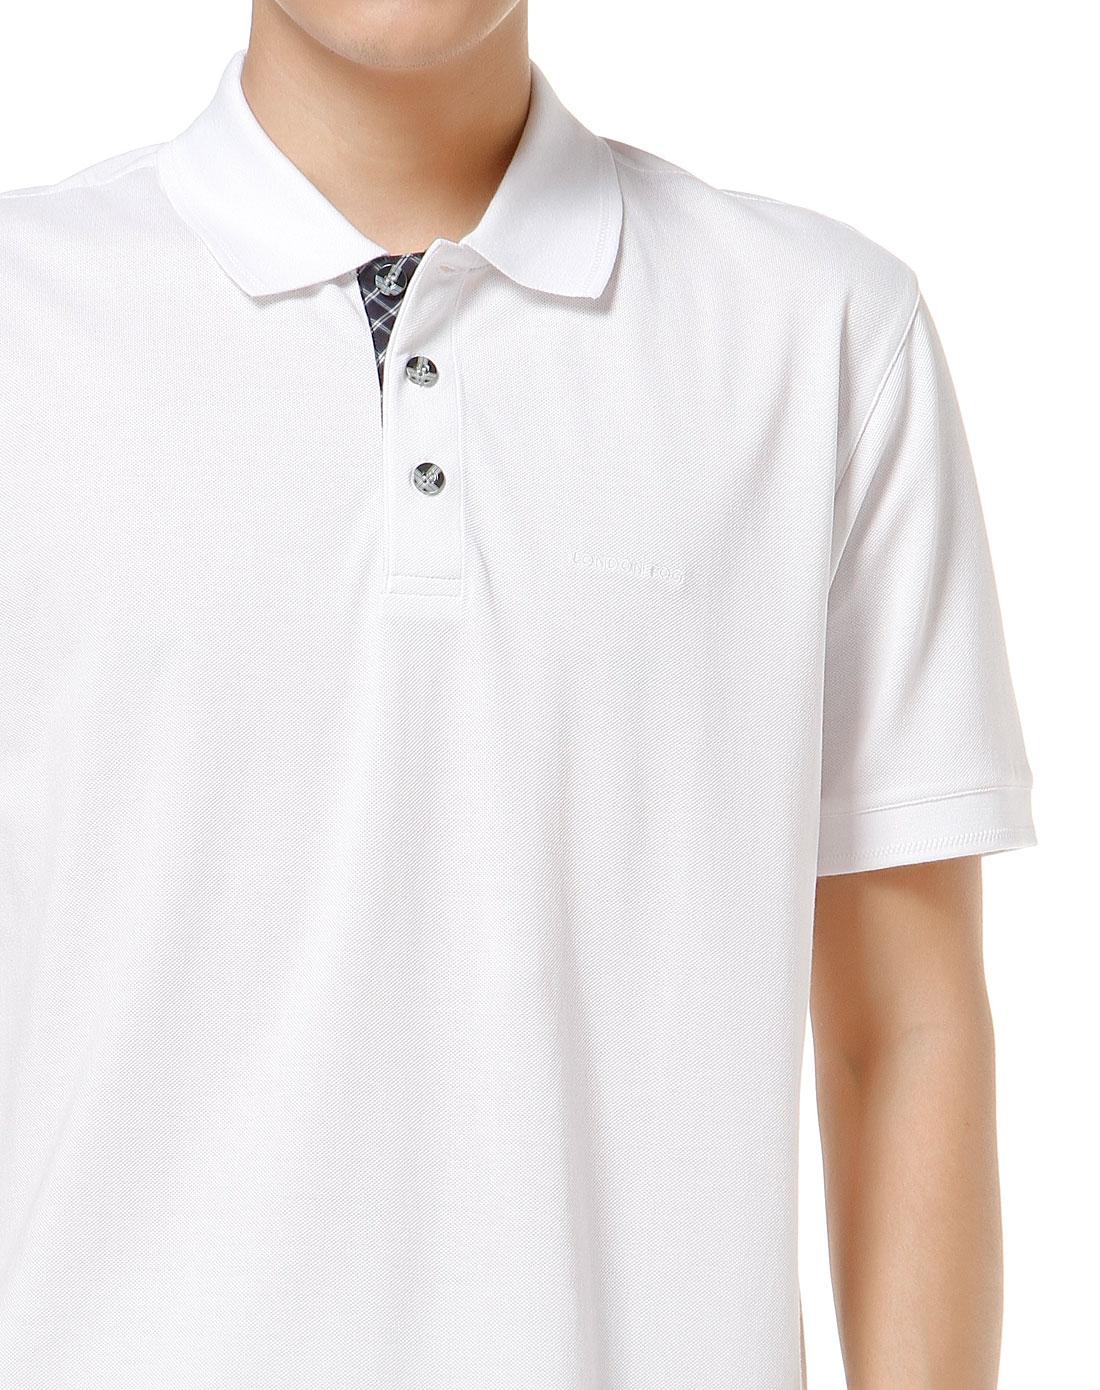 定做POLO衫应该怎么选择?企业POLO衫选择的注意事项